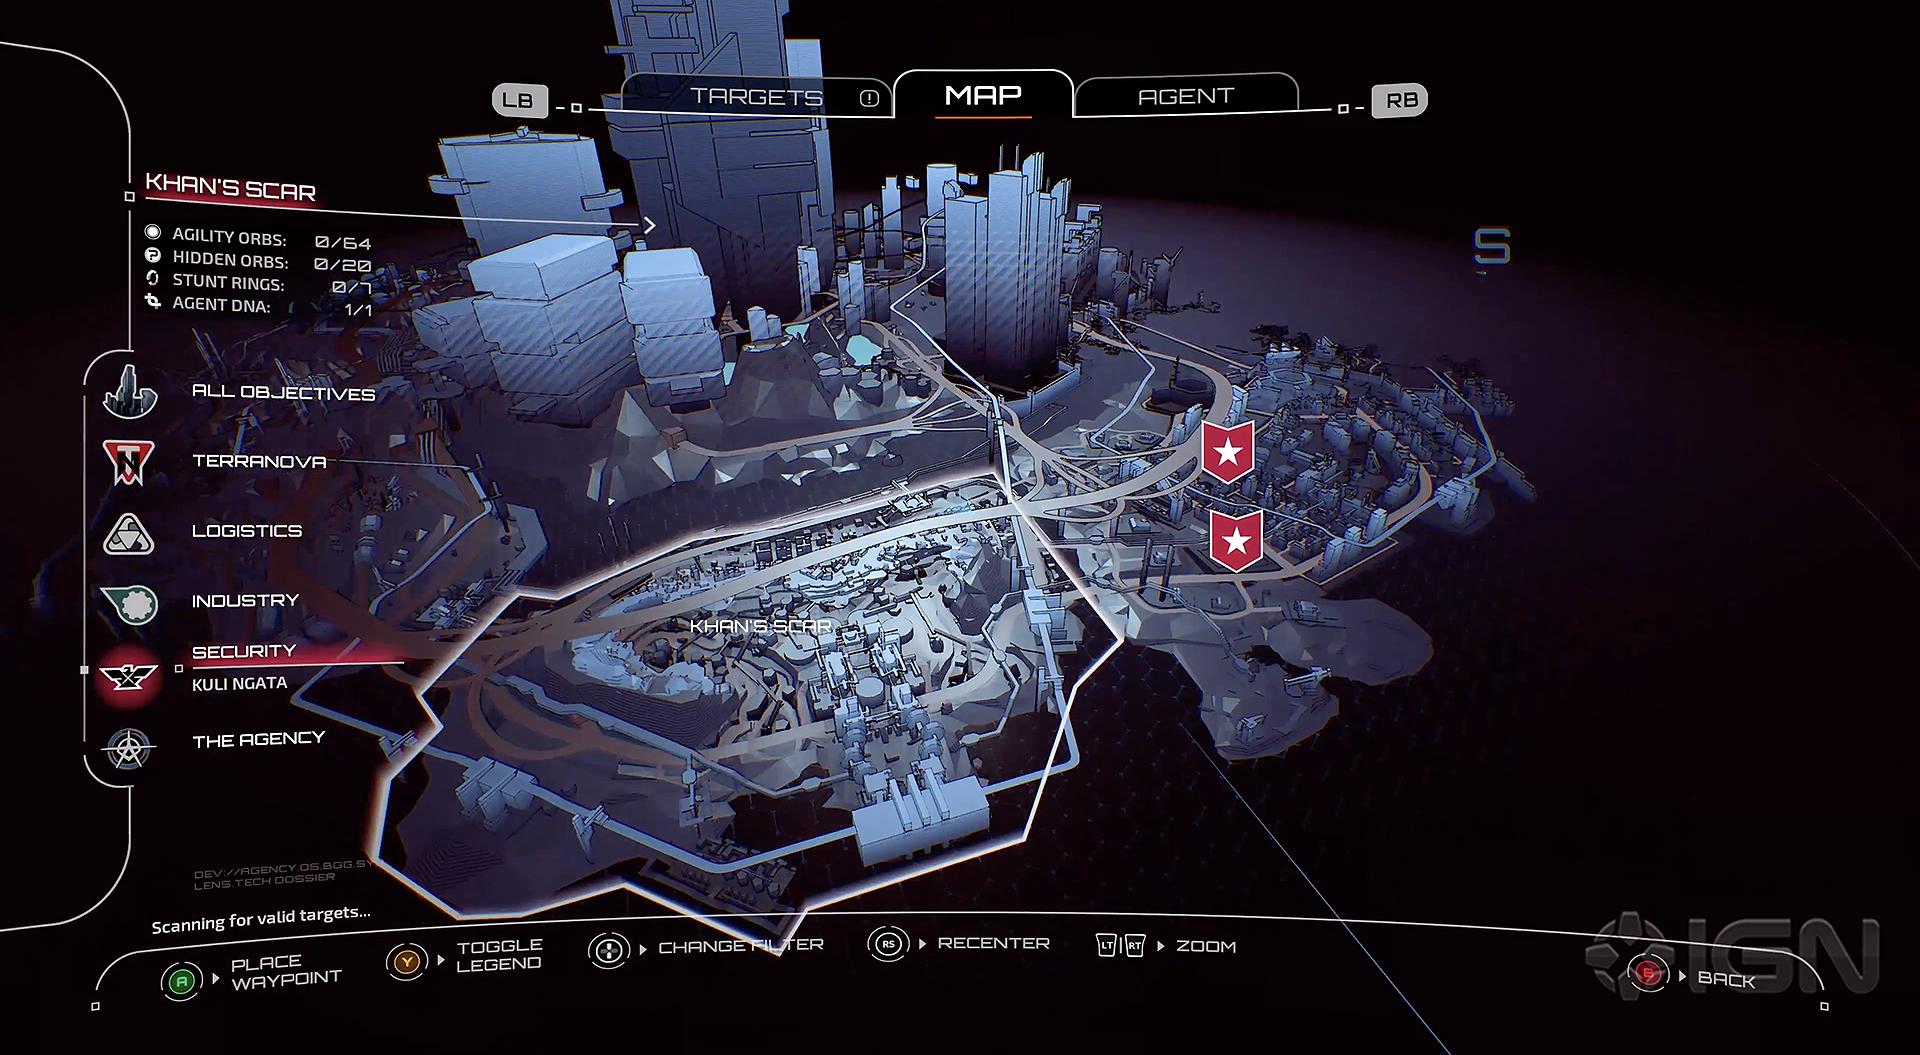 full crackdown 3 map